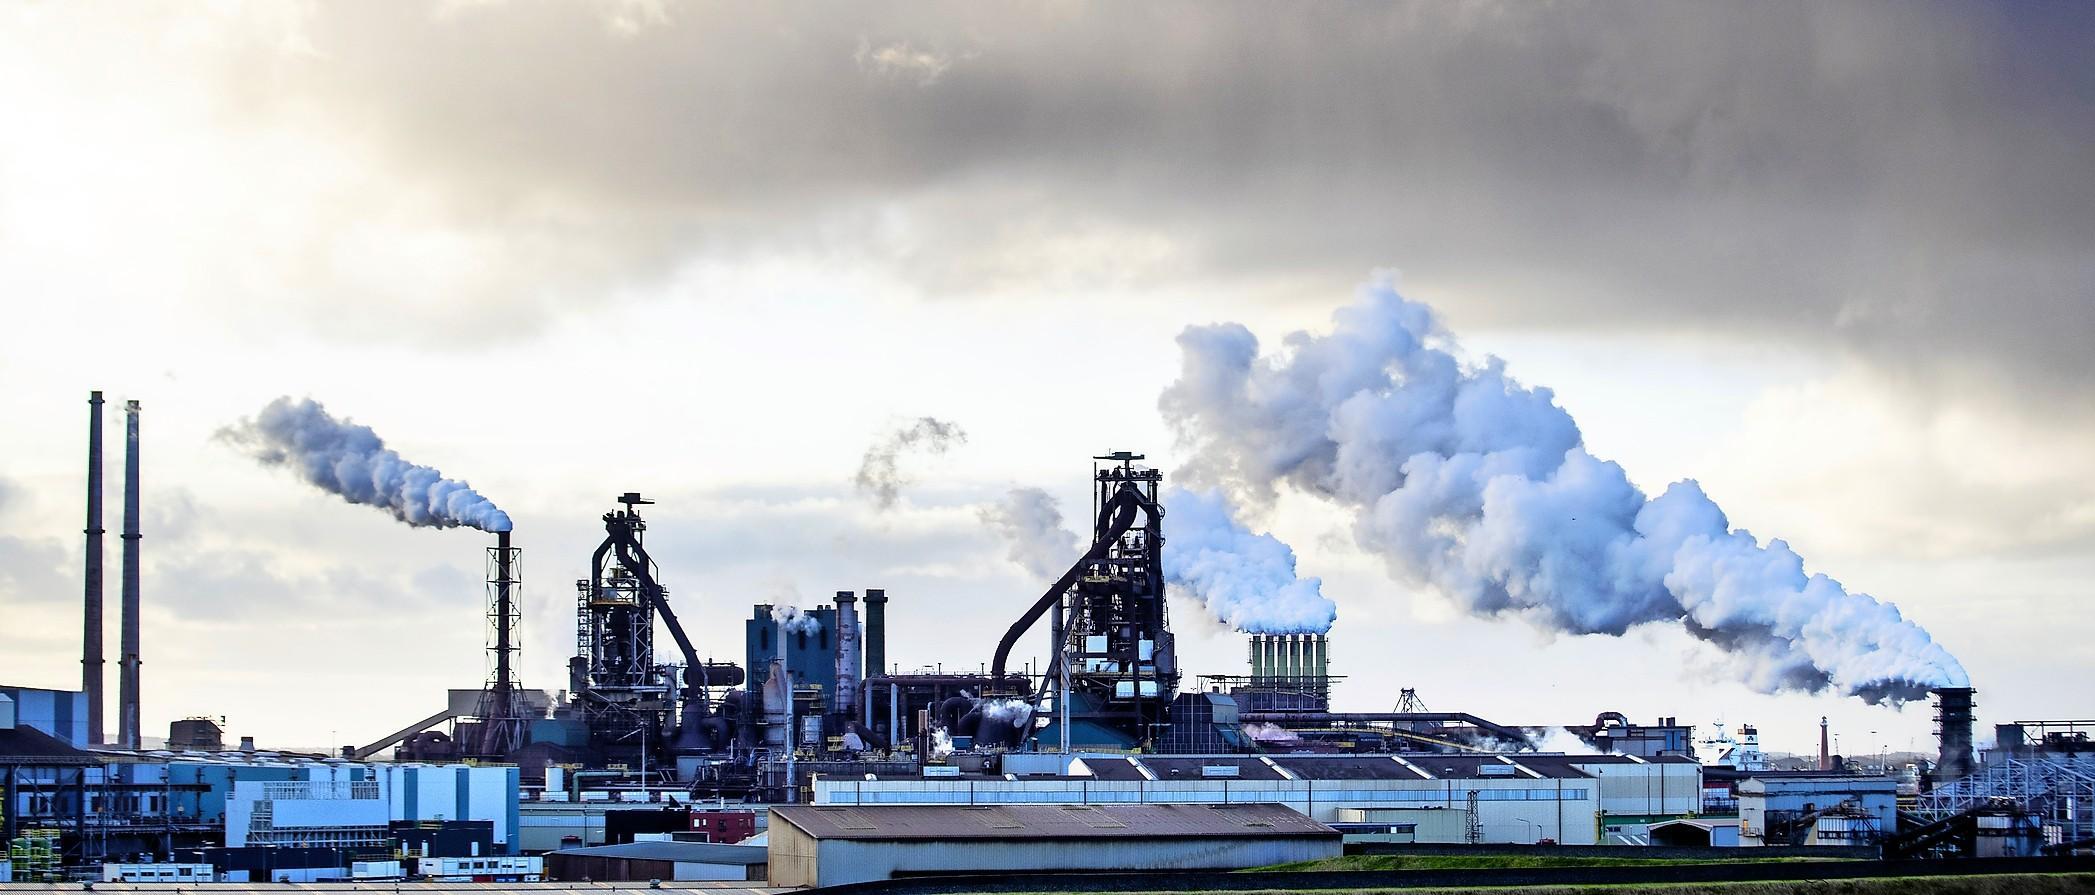 Oproep milieugroep: 'Sluit Tata Steel tijdens coronacrisis, situatie rond fabriek is onhoudbaar'